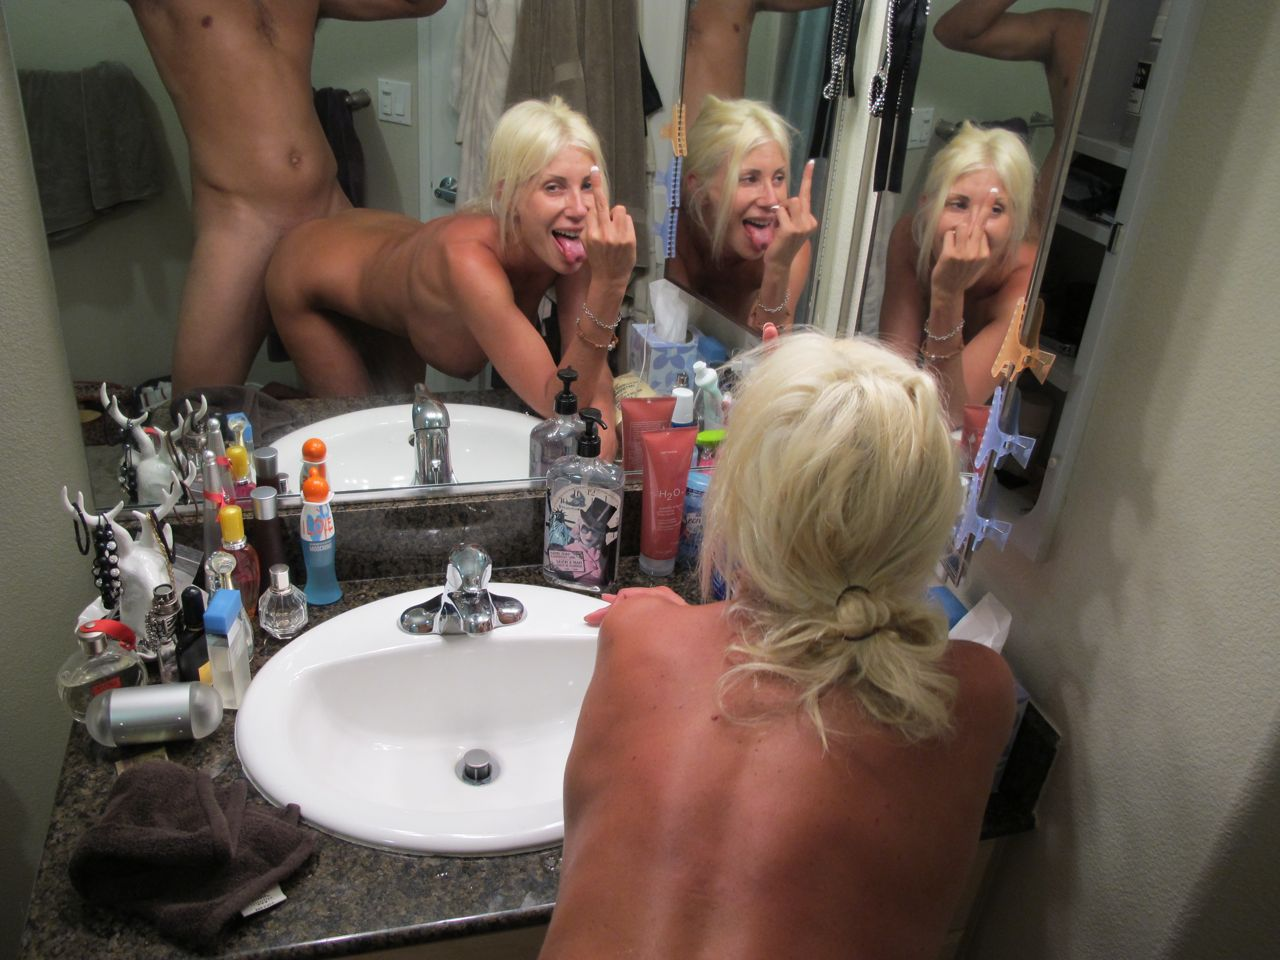 【嫉妬乙】おまえら鏡越しにでハメ撮りしてるバカップルをいつも馬鹿にしてるけど、実際うらやましいんだろ?(画像あり)・7枚目